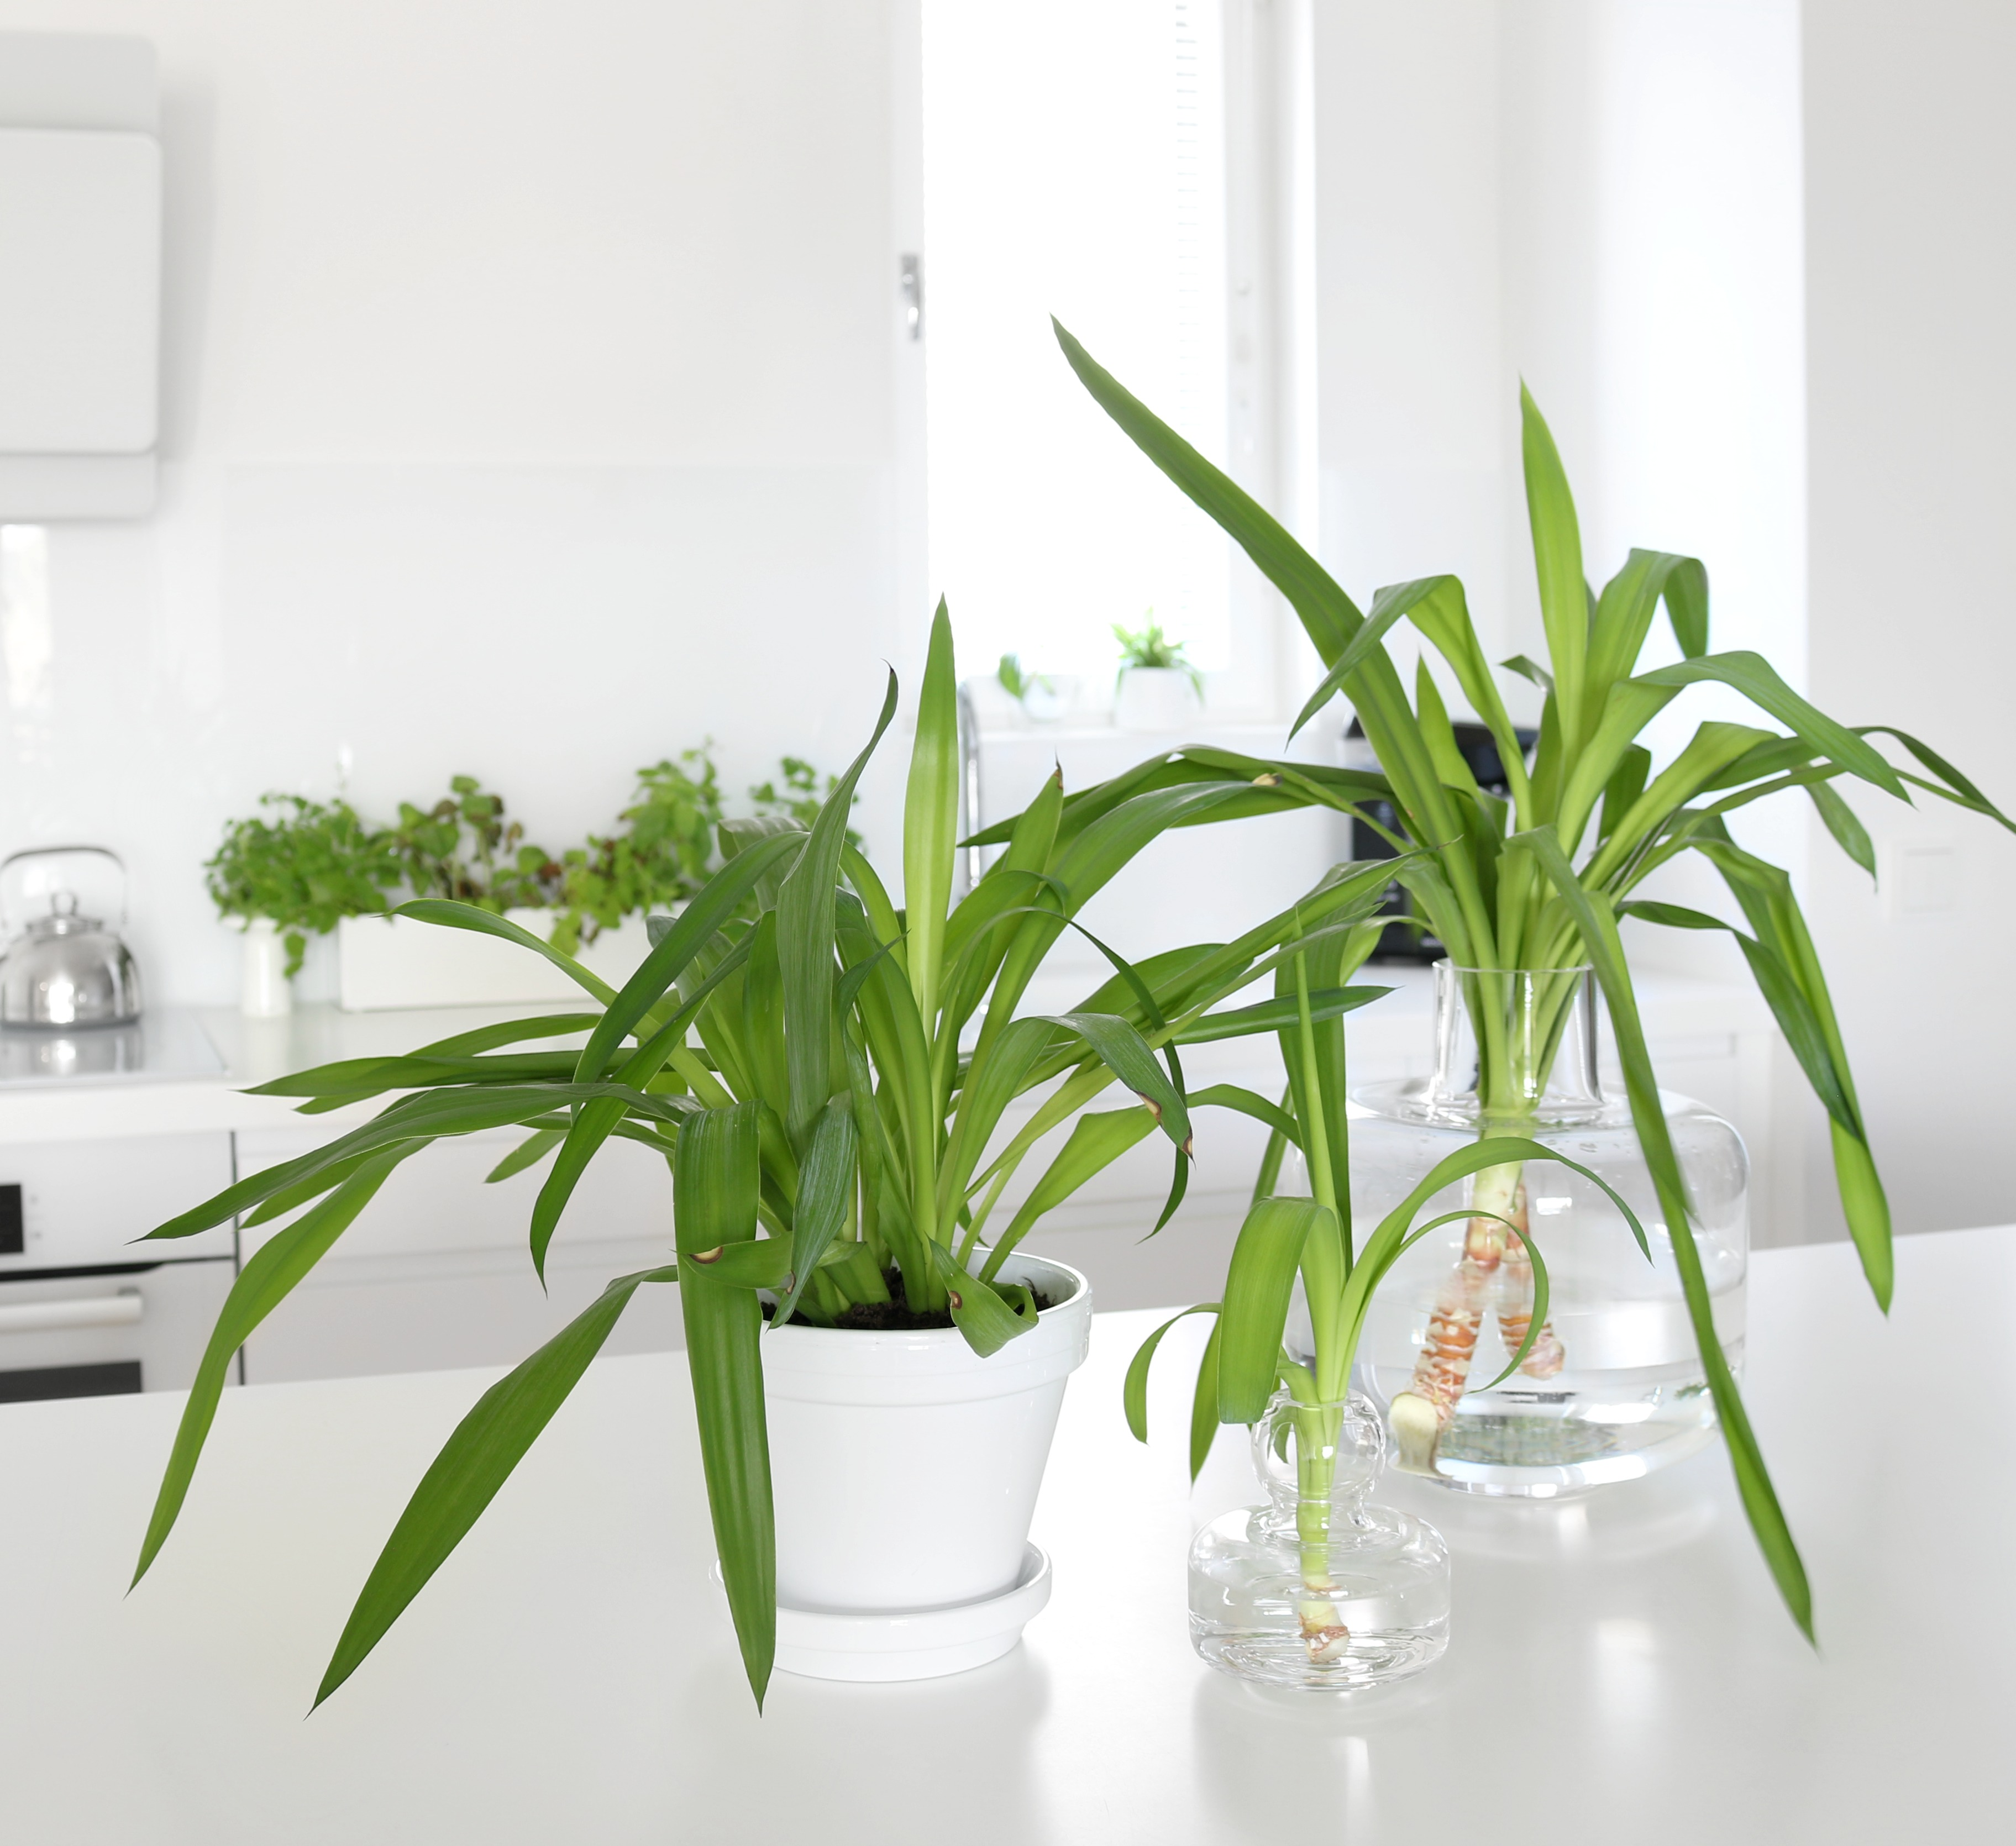 Huonekasvi viherkasvi pistokkaan juurrutus ja istuttaminen multaan omakotivalkoinen